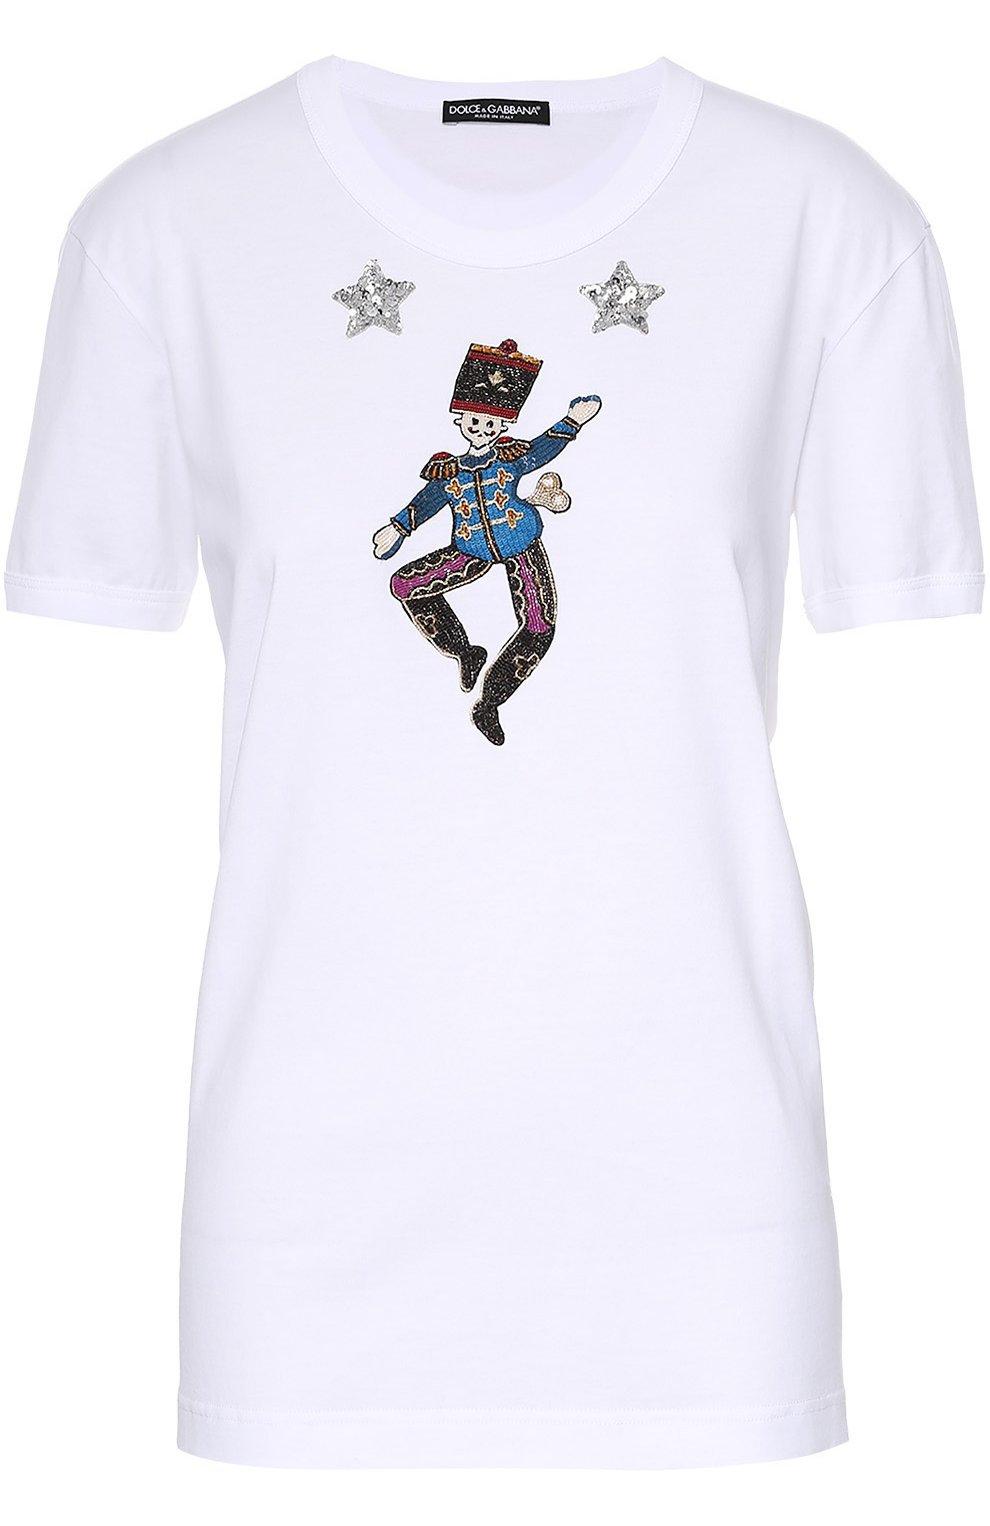 Хлопковая футболка прямого кроя с контрастной вышивкой   Фото №1